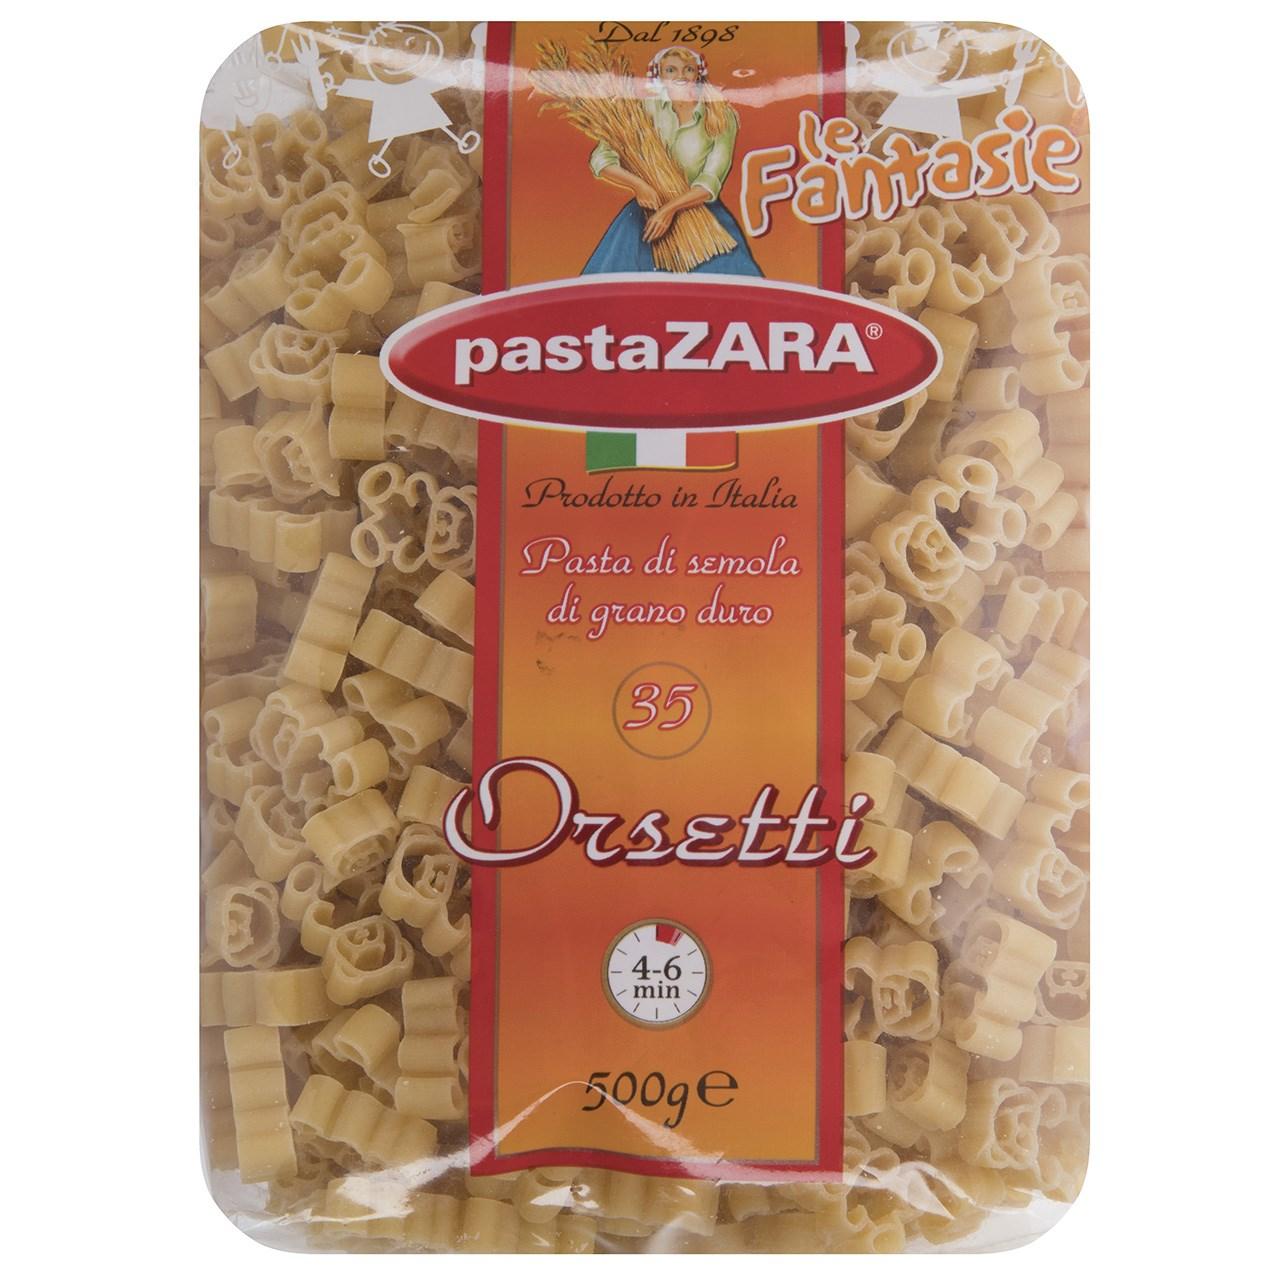 پاستا پاستا زارا مدل Drsetti مقدار 500 گرم